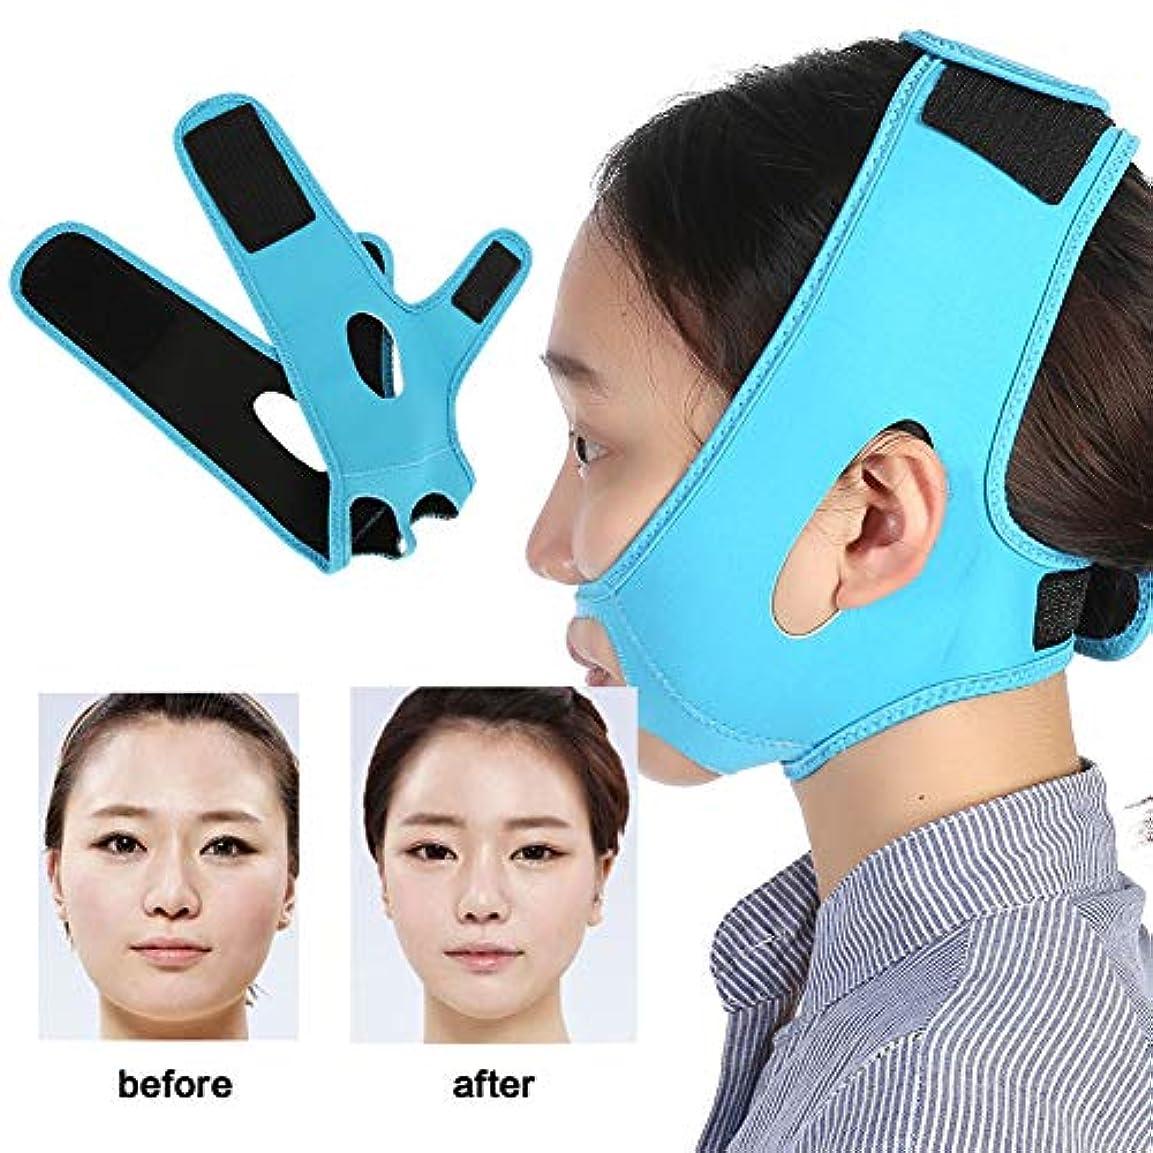 国民織機熟す顔の輪郭を改善するためのフェイスマスクのスリム化 Vフェイス美容包帯 通気性/伸縮性/非変形性